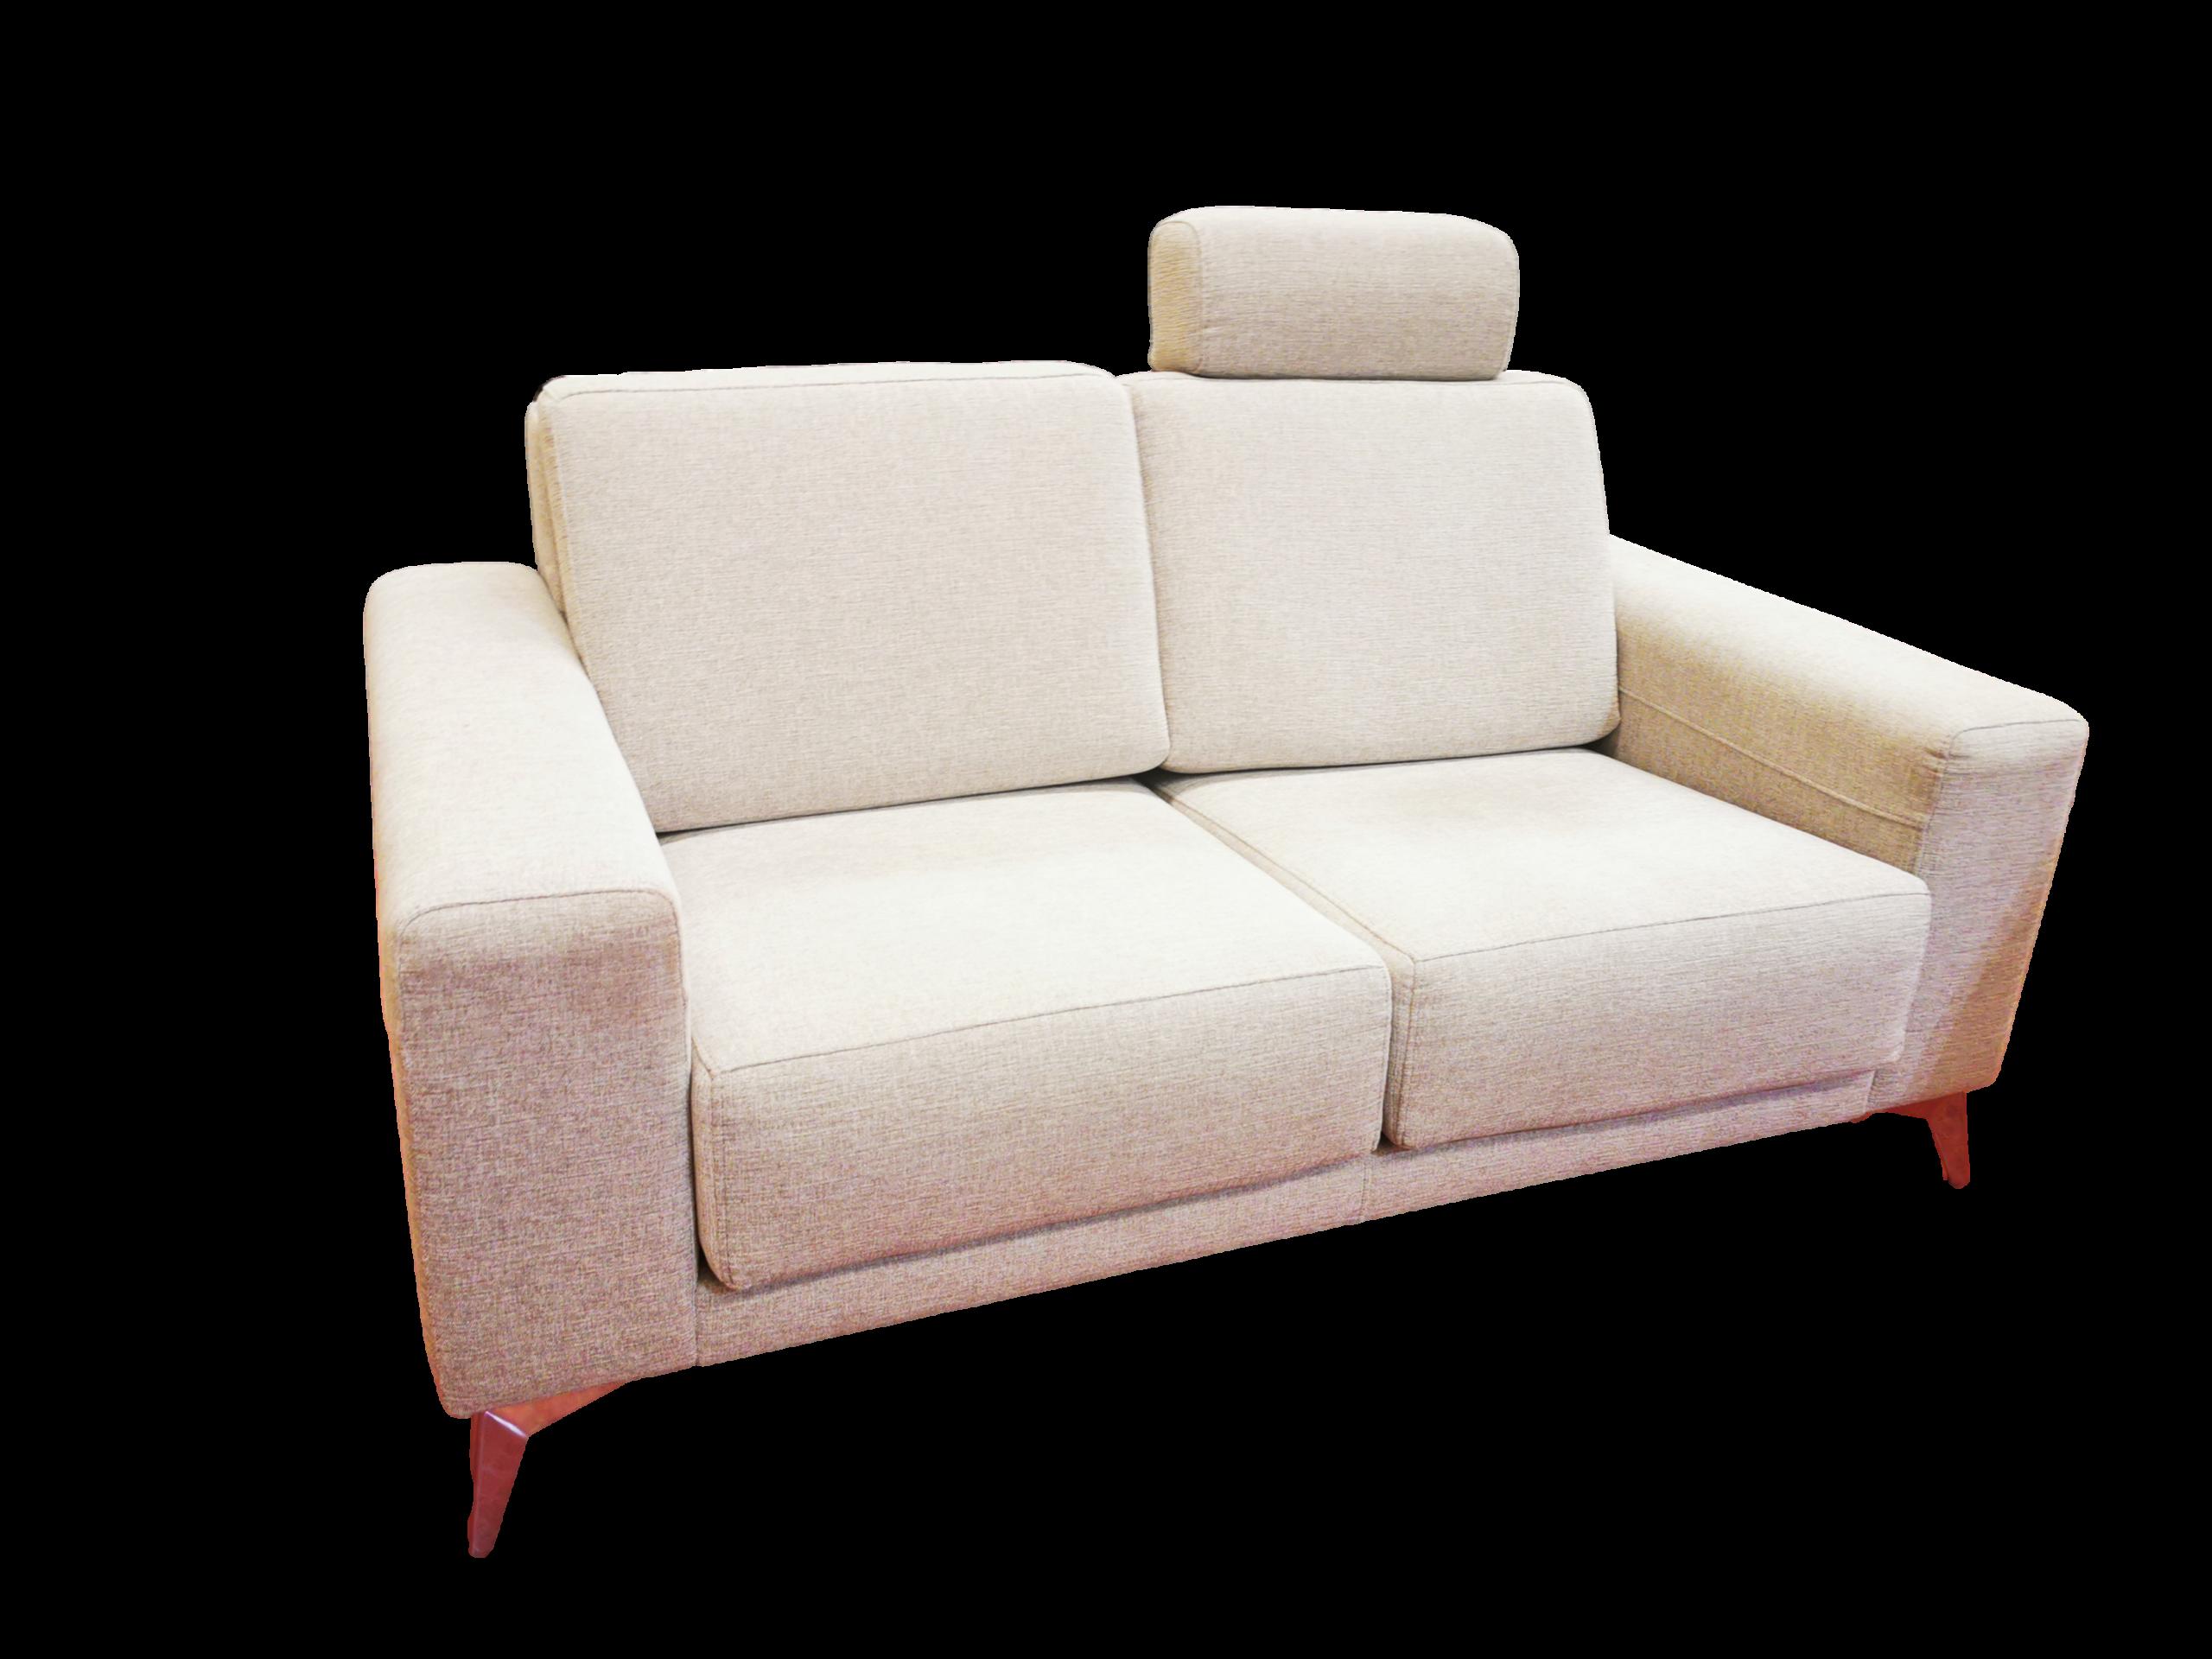 sofa-modelo-zen-deslizante-1-60-mt-400e